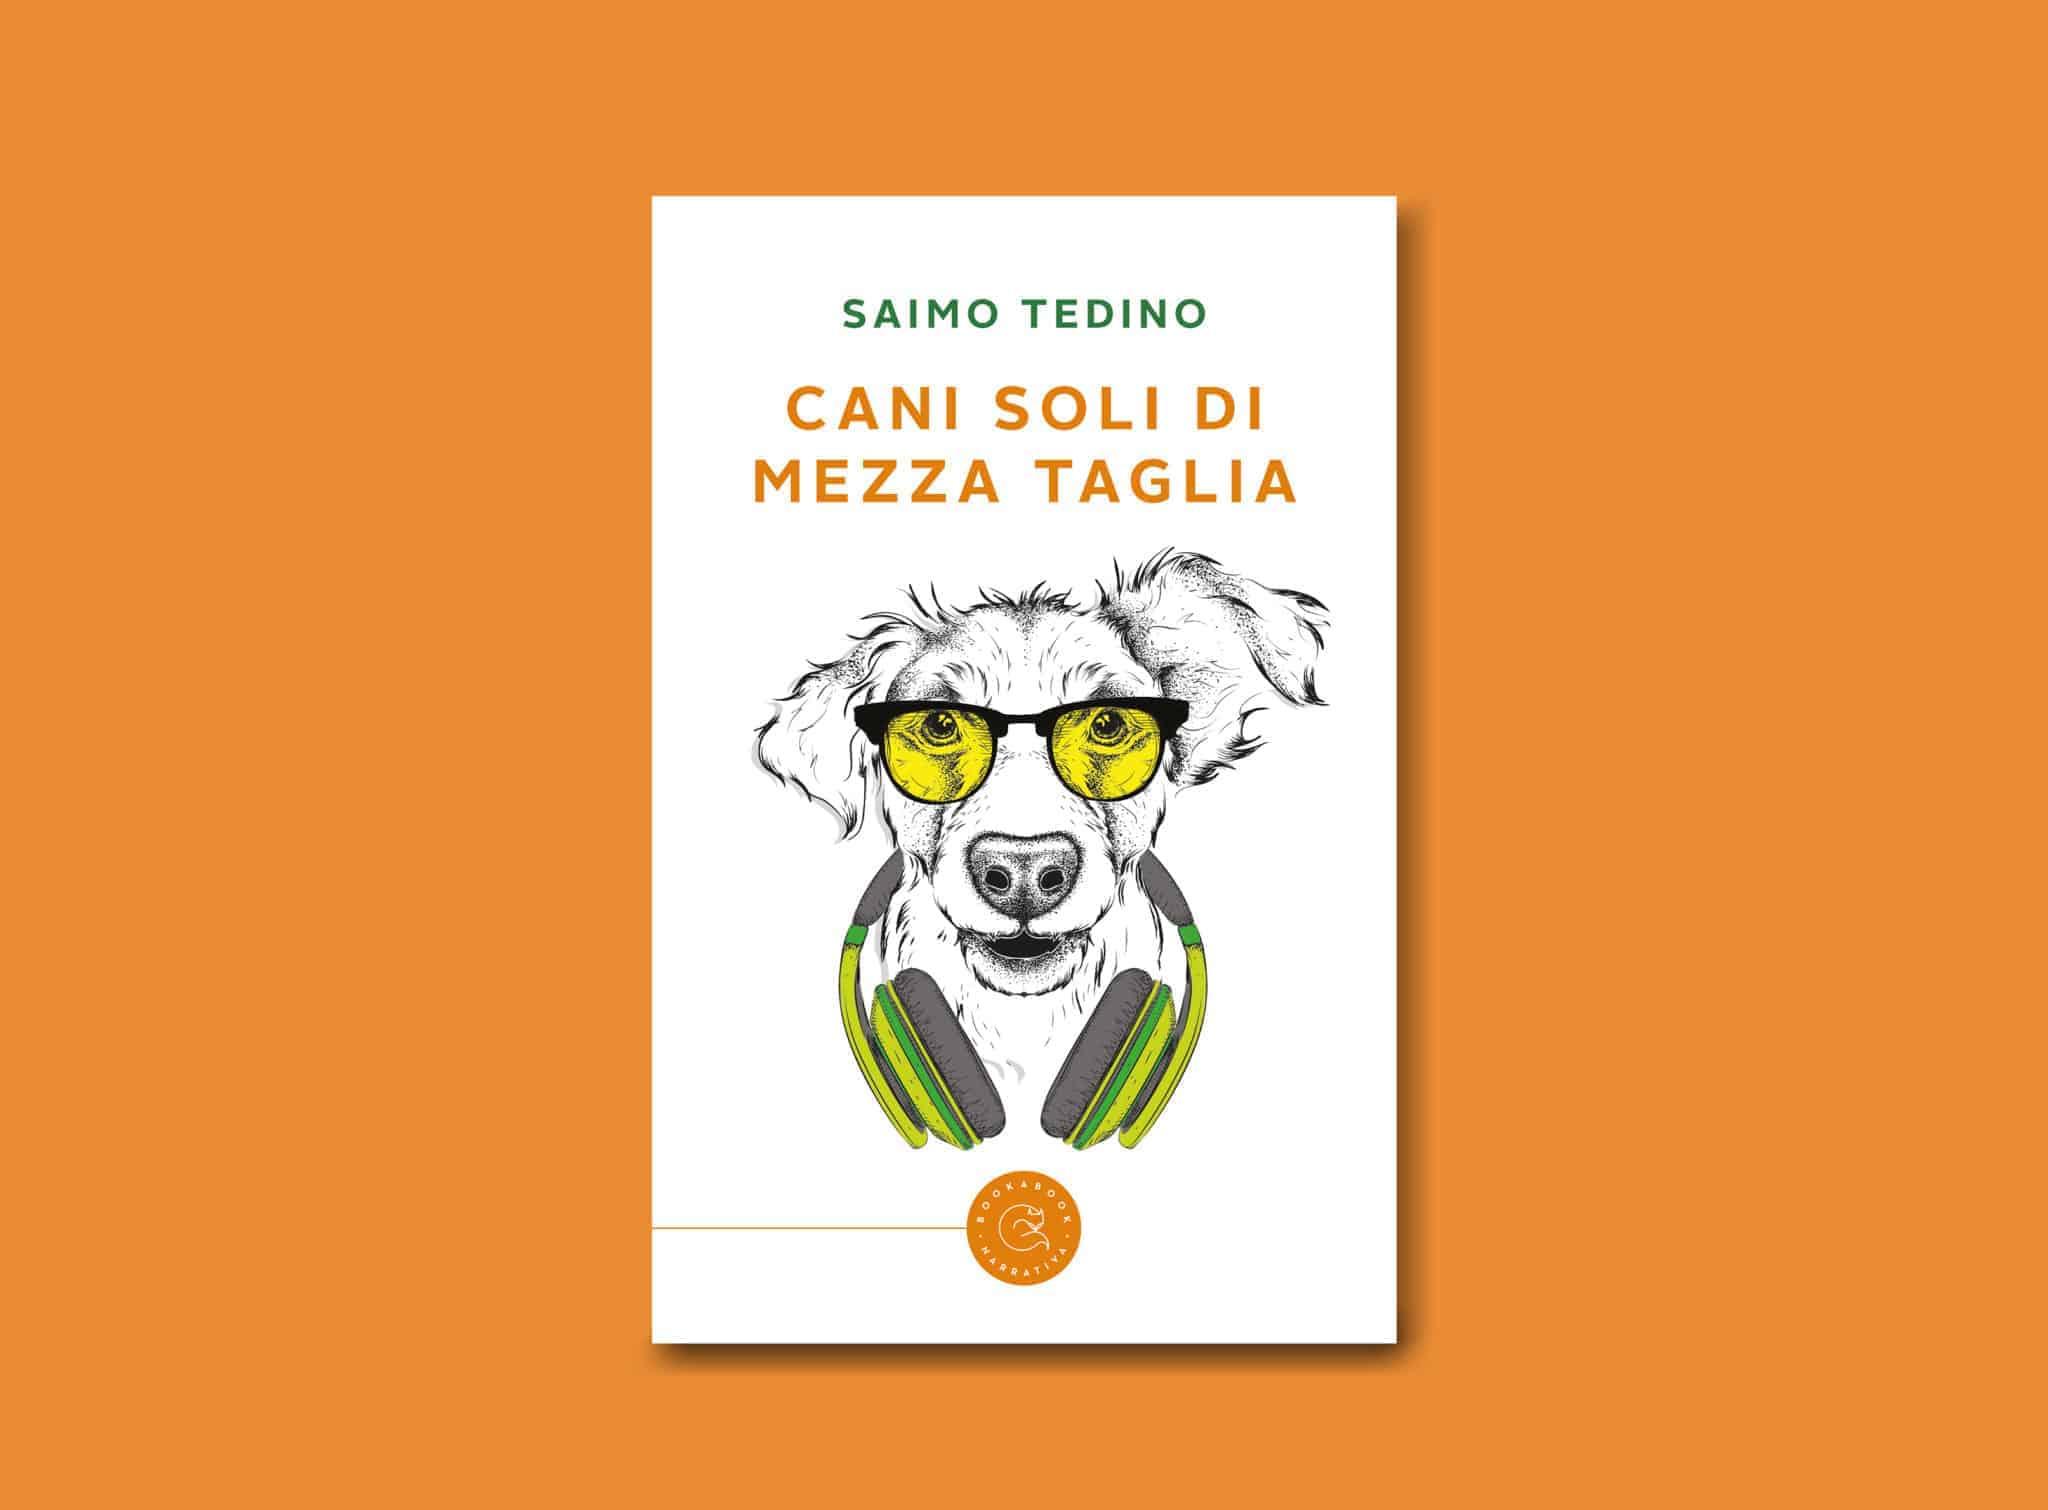 Libro del mese: Cani soli di mezza taglia